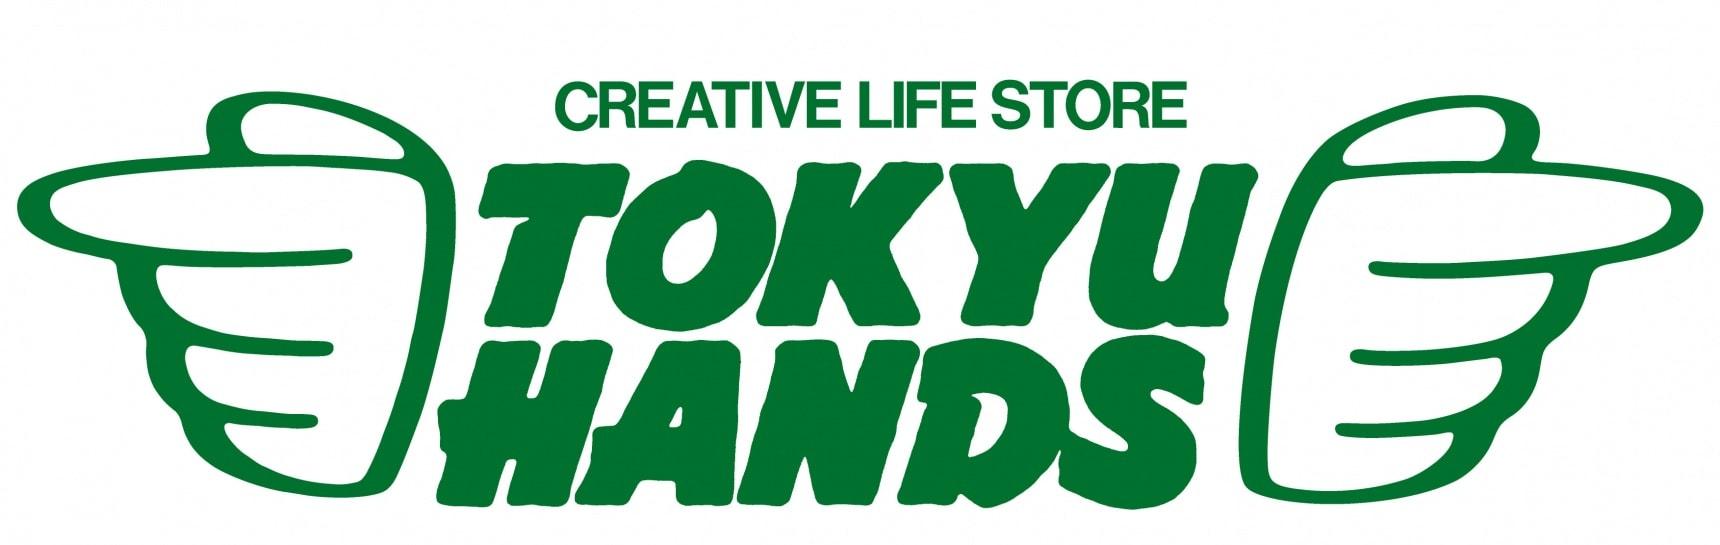 Tokyu Hands สวรรค์ของคนรักเครื่องเขียน